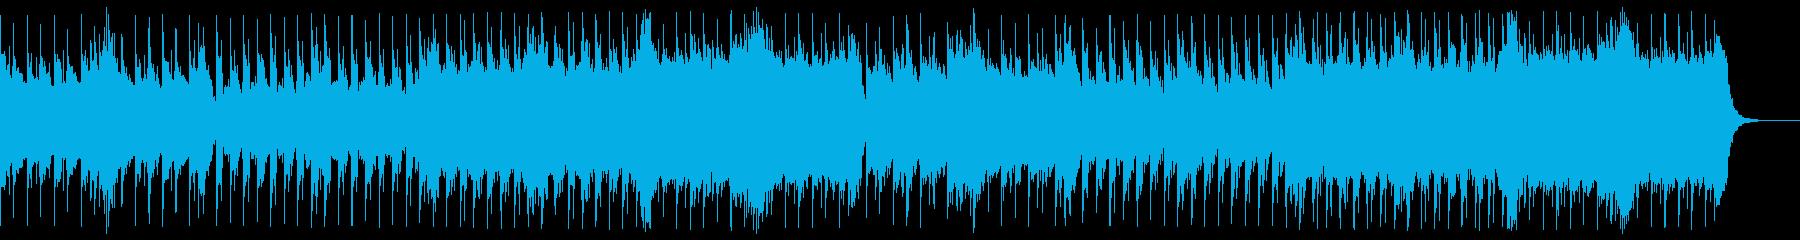 おしゃれな雰囲気の3拍子BGMの再生済みの波形